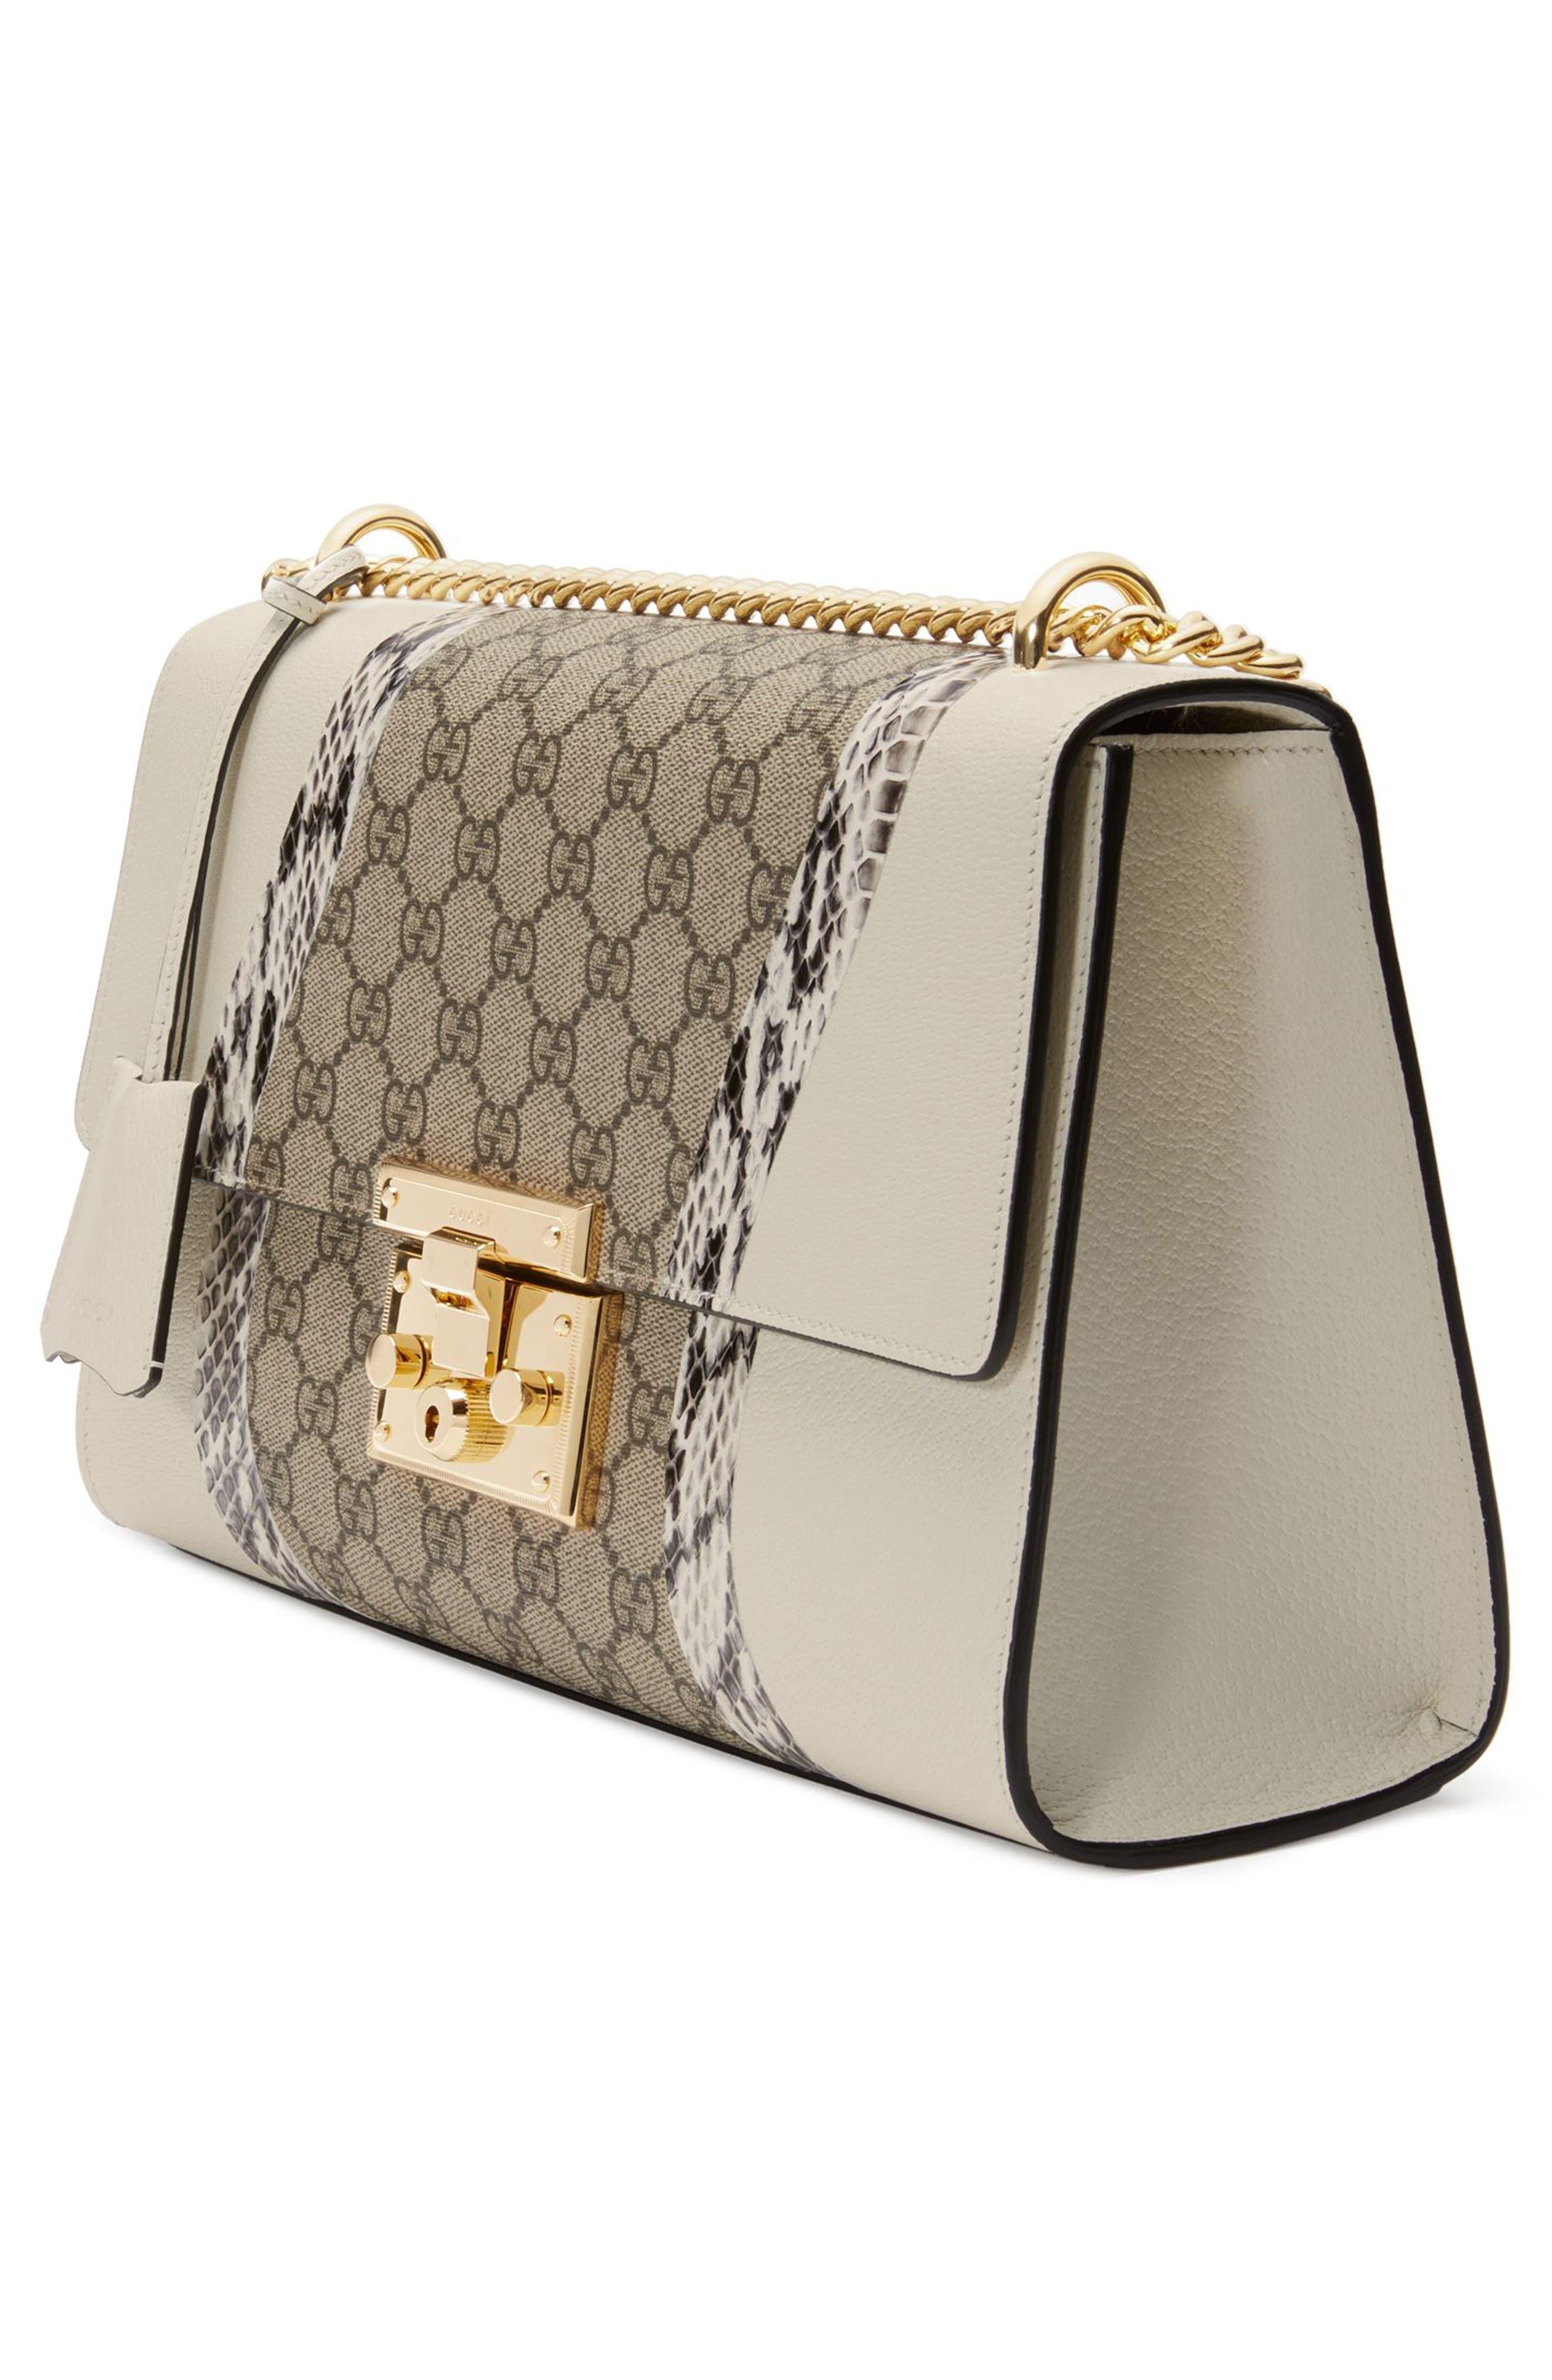 Medium Padlock GG Supreme Wave Shoulder Bag with Genuine Snakeskin Trim,                             Alternate thumbnail 4, color,